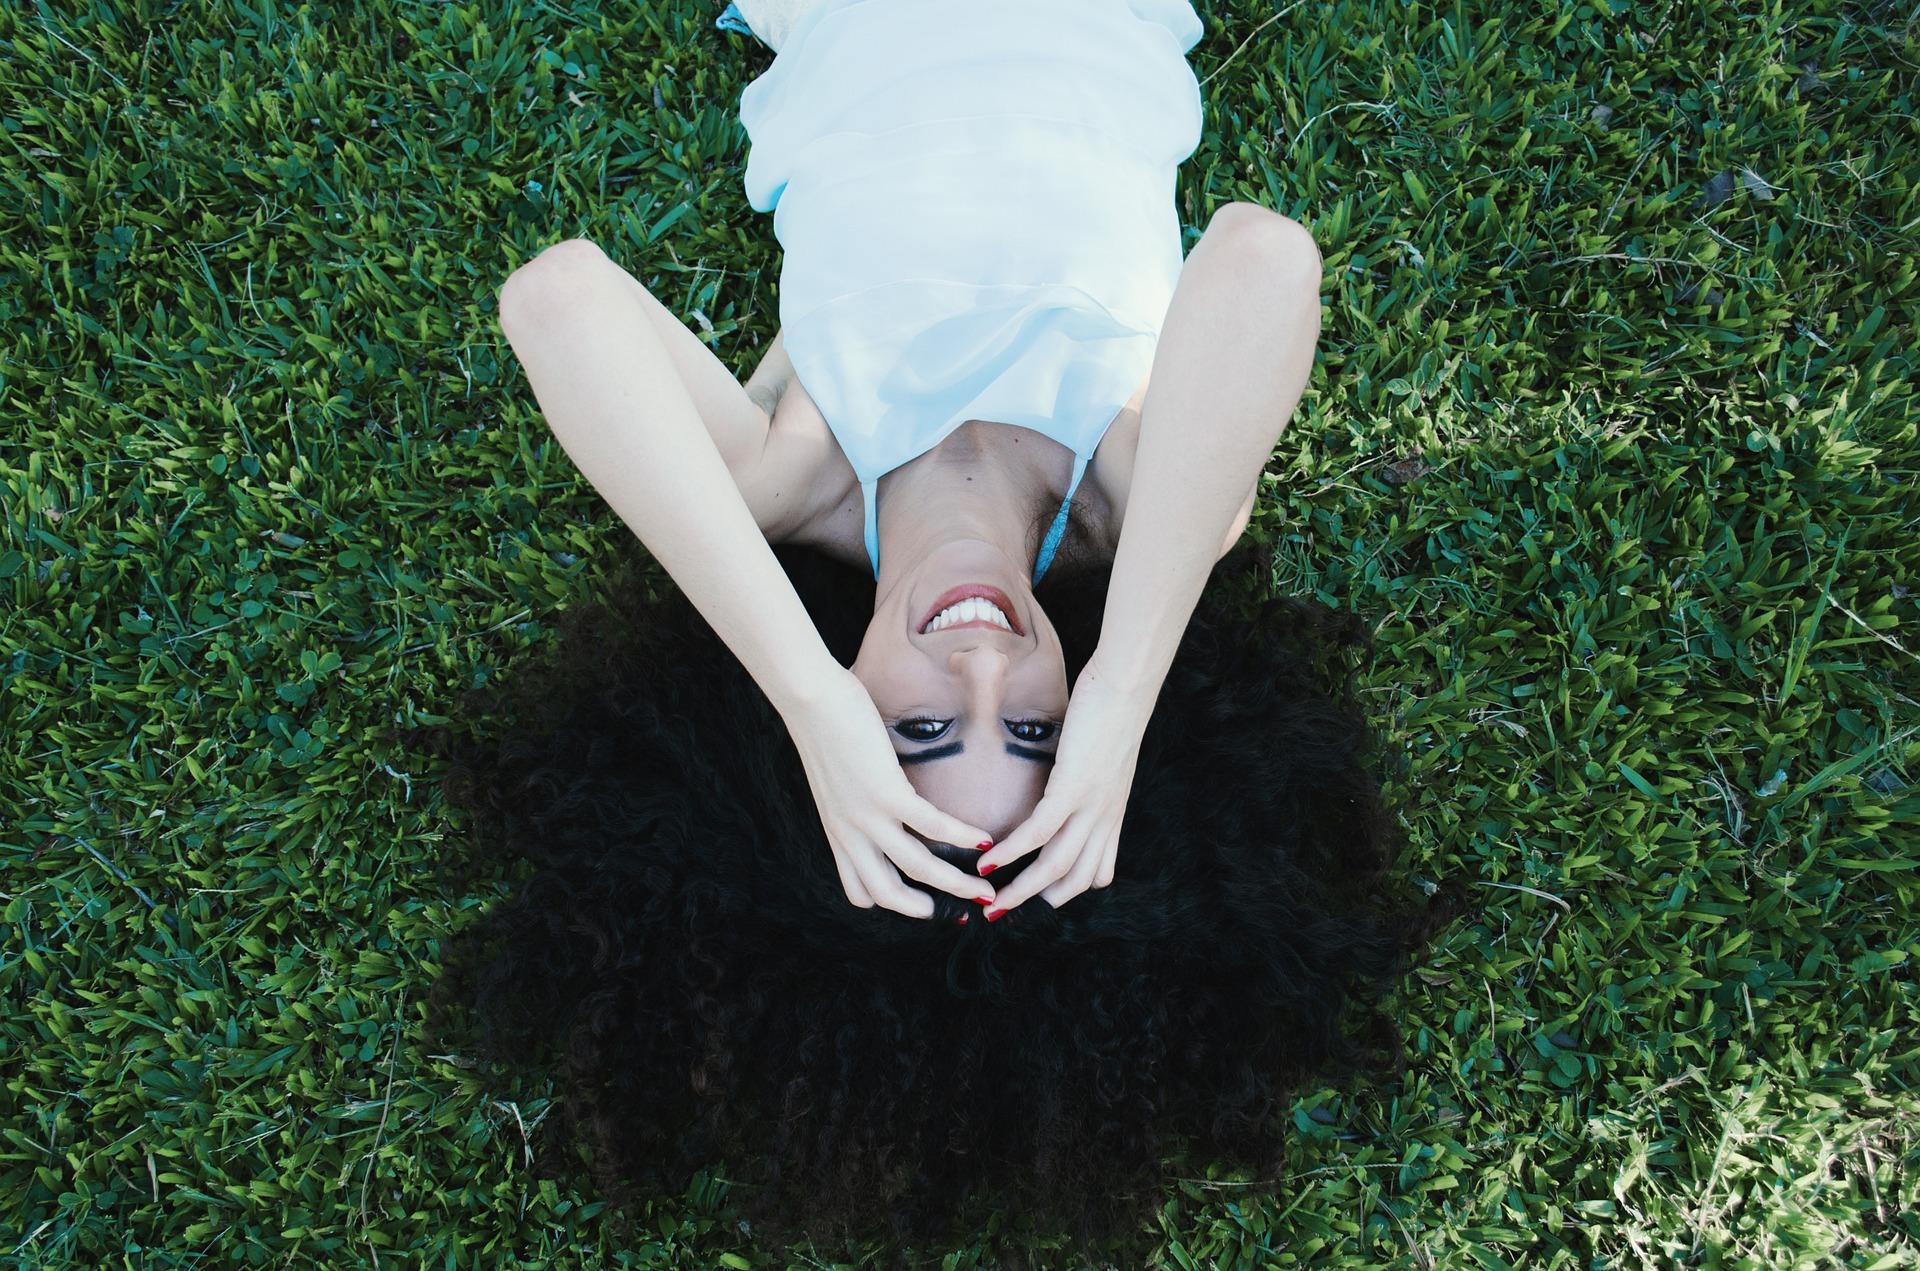 woman-918603_1920.jpg